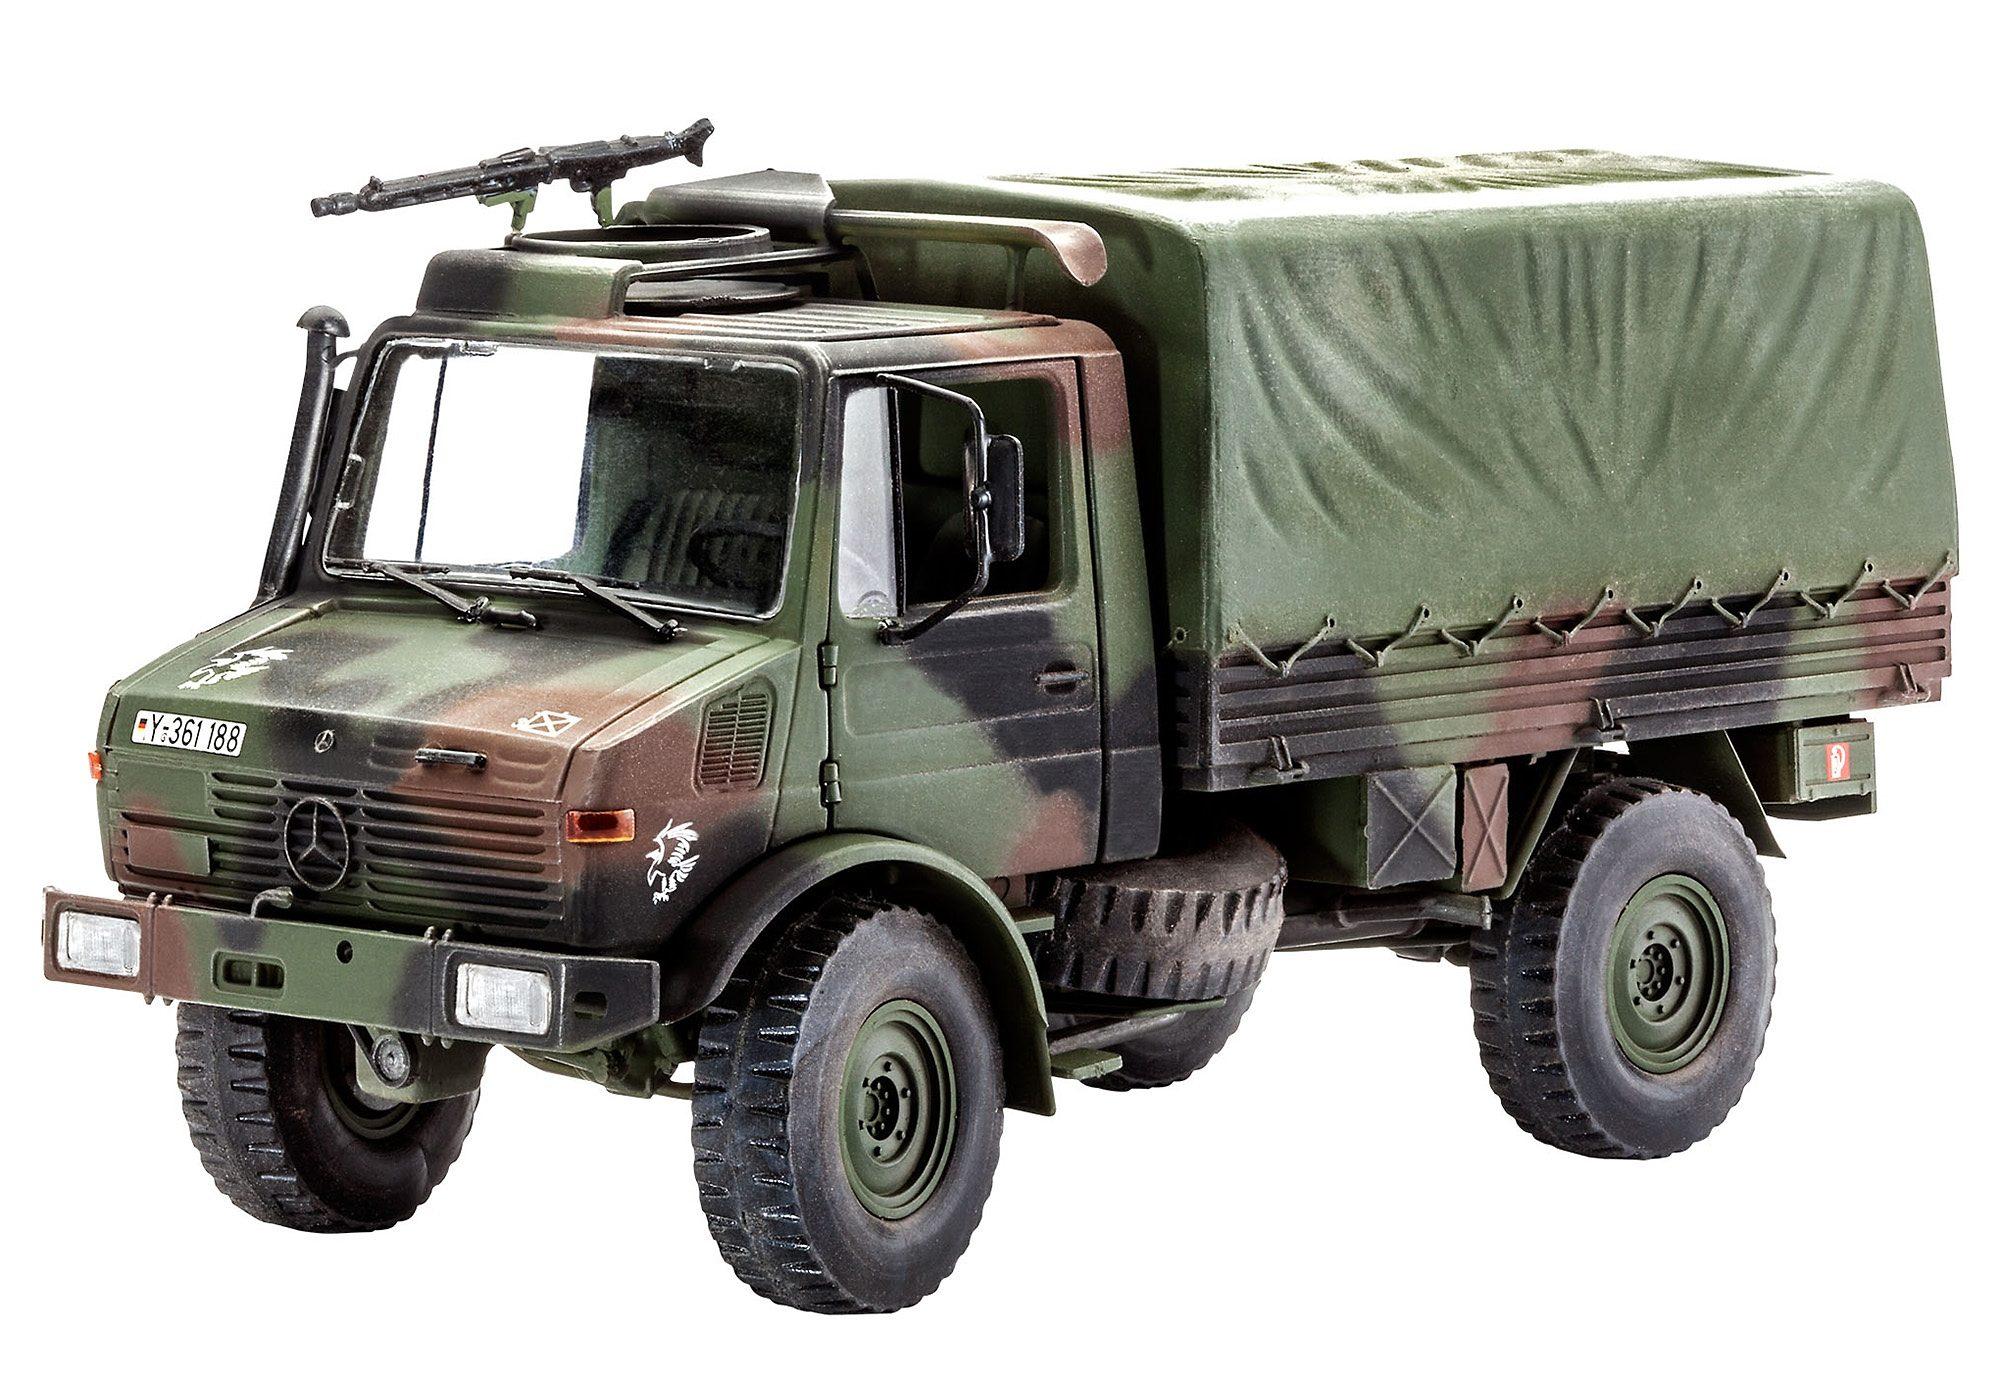 Revell® Modellbausatz LKW, »LKW 2t. tmil gl (Unimog)«, Maßstab 1:35